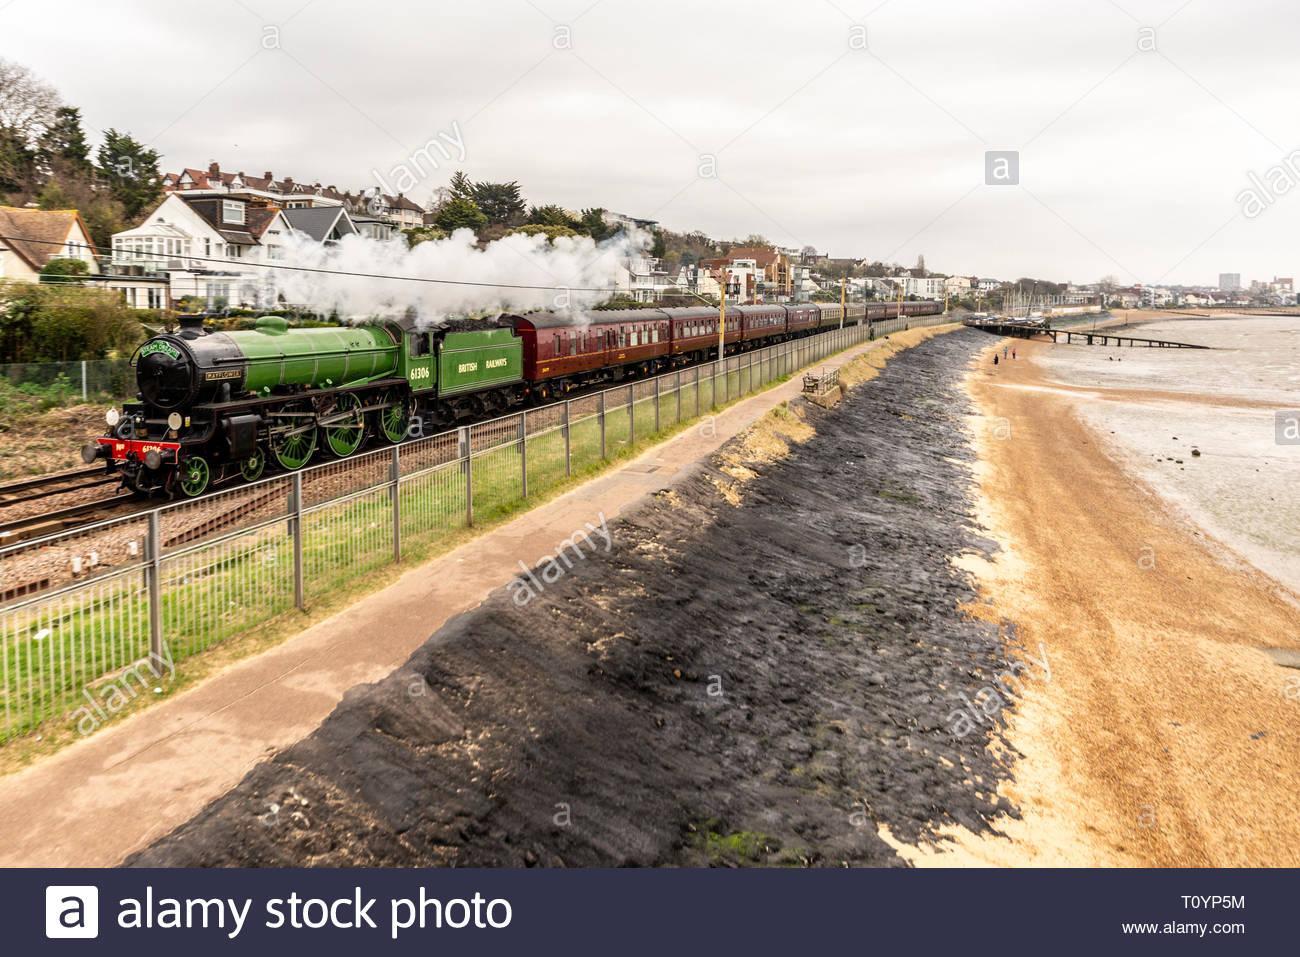 Dampf Sonderzug von Southend East Station betrieben die Bluebell Railway in Sussex durch Bediener Dampf Träume durch B1-Klasse Lokomotive 61306 Mayflower geschleppt. Mayflower wurde 1948 erbaut und diente auf British Railways bis 1967. Es wurde umfassend überarbeitet und auf Hauptleitungen im Jahr 2019 zurück. Die Strecke führte den Zug von Southend auf dem C2C-Leitungen neben der Themsemündung hier bei Chalkwell Stockbild